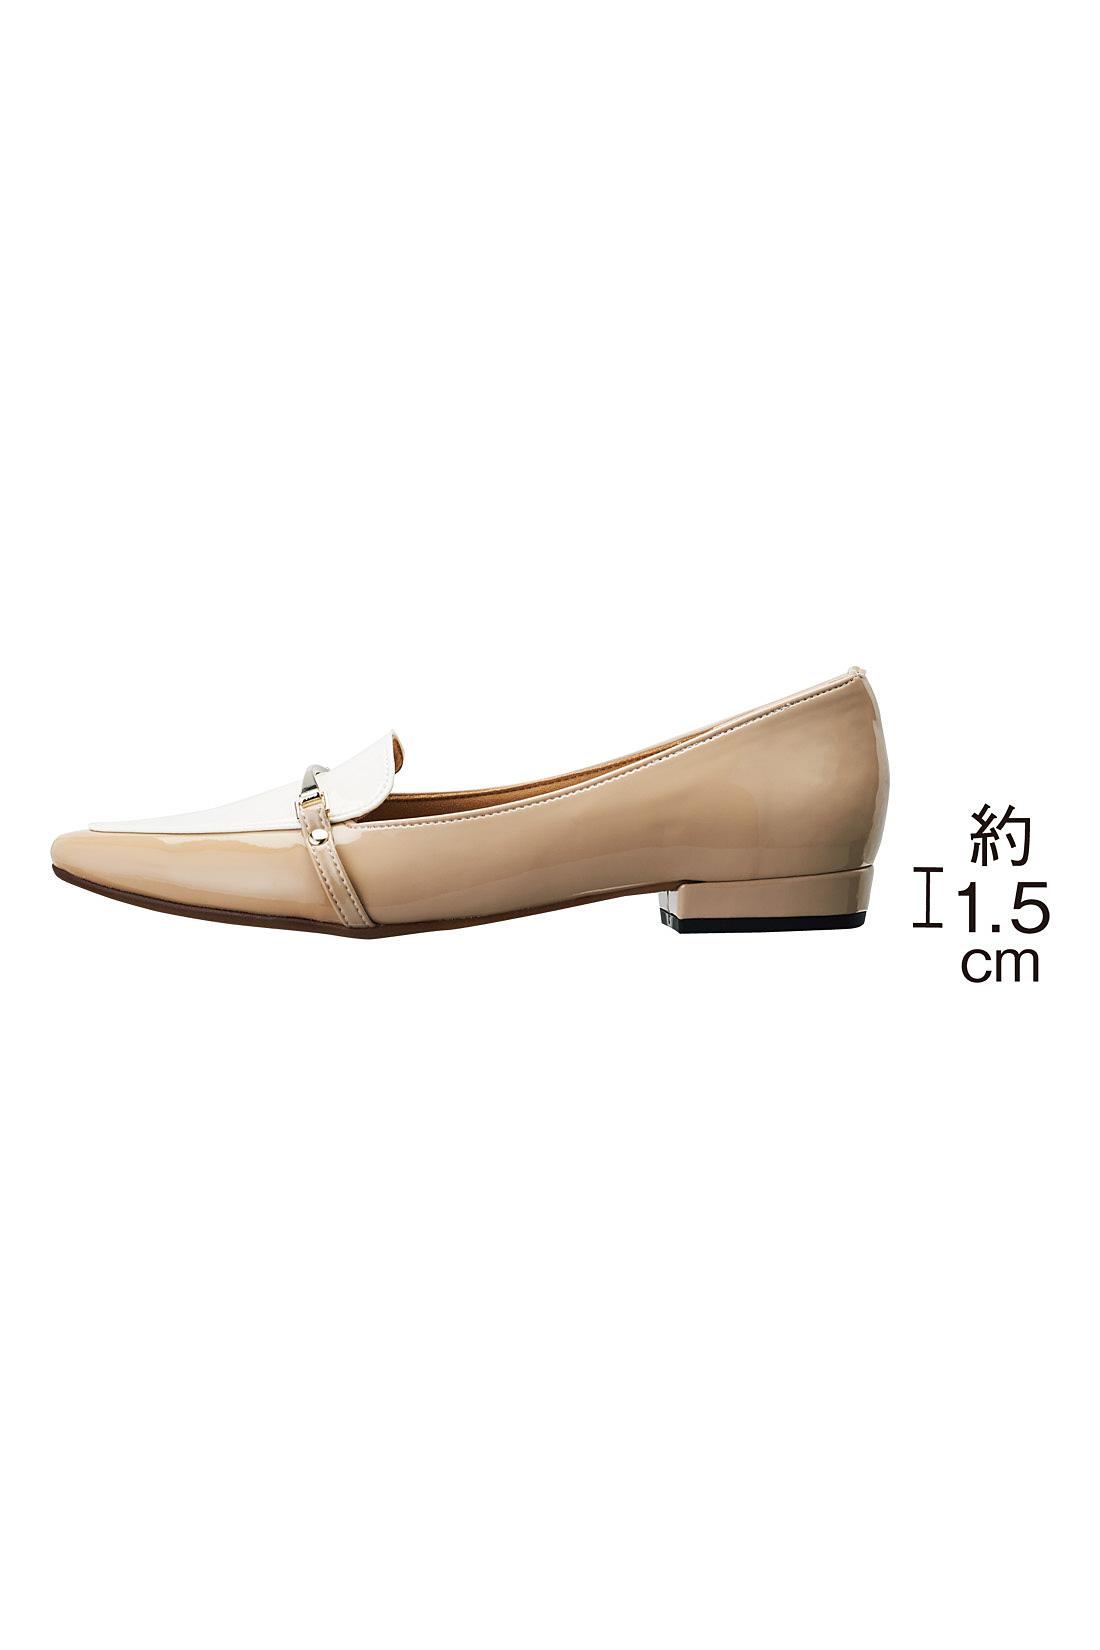 ぺたんこよりも歩きやすく、足をきれいに見せる1.5cmヒール。